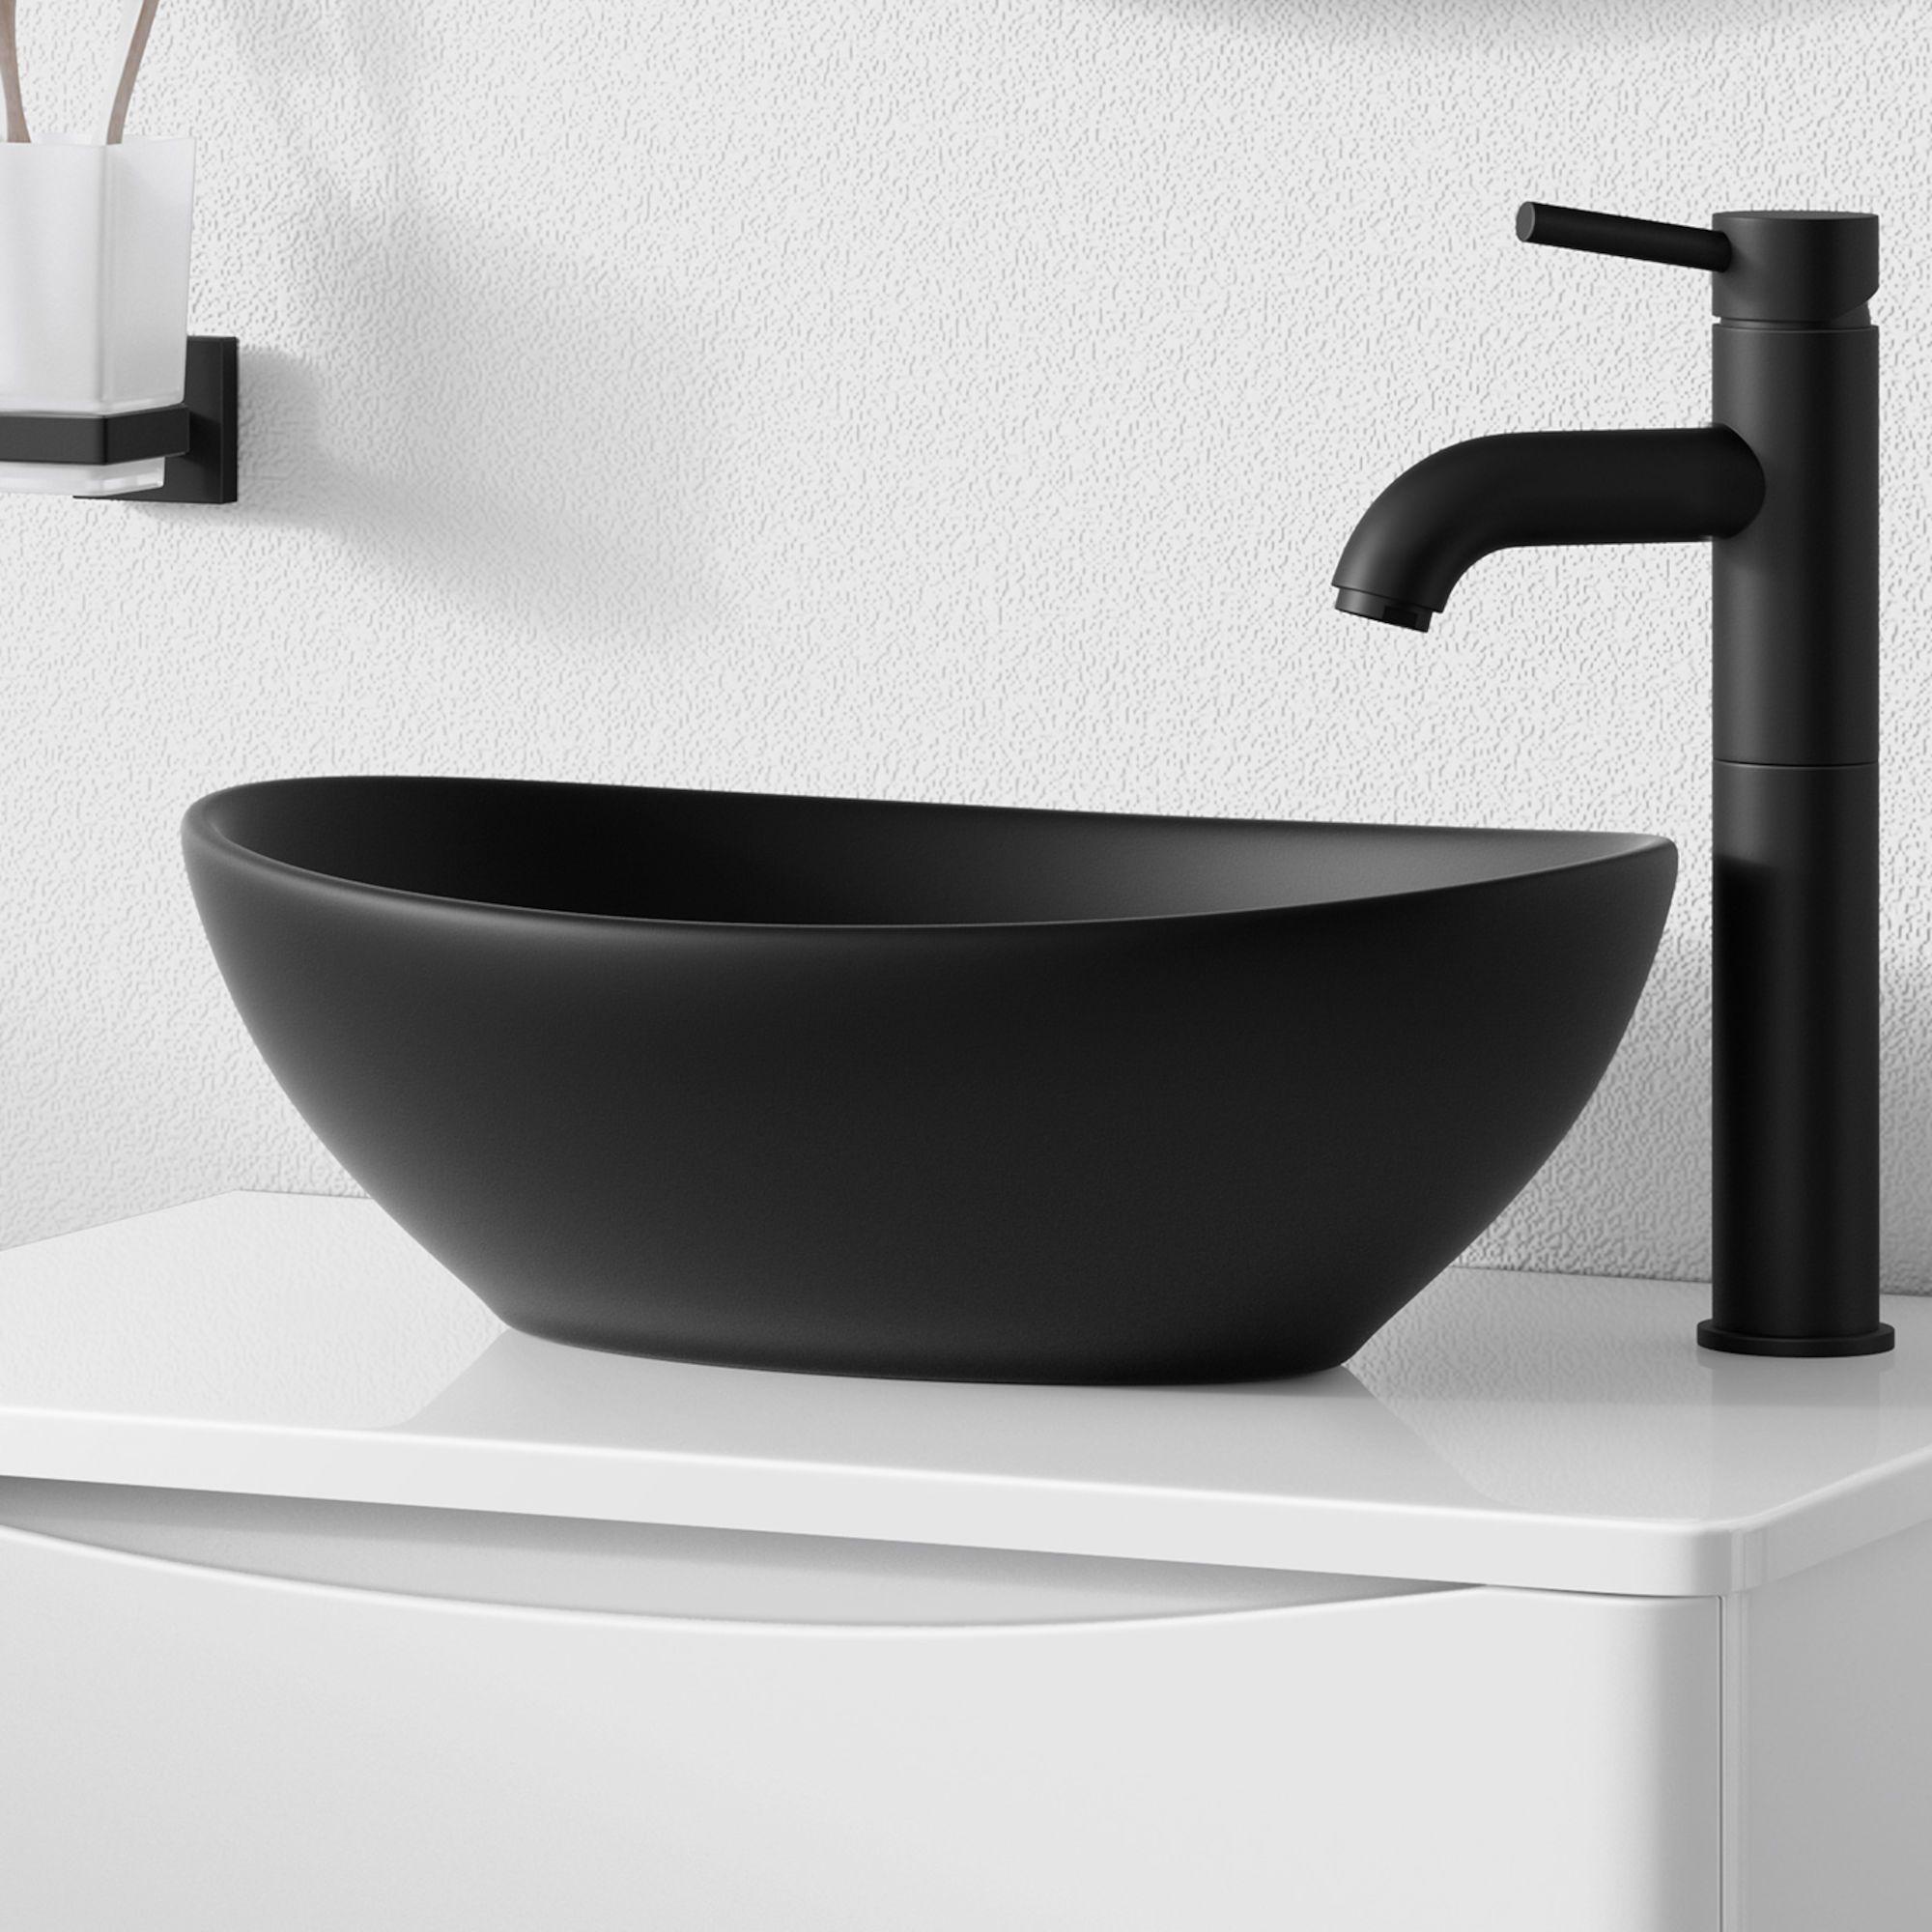 Iker Matte Black Counter Top Basin Countertop Basin Black